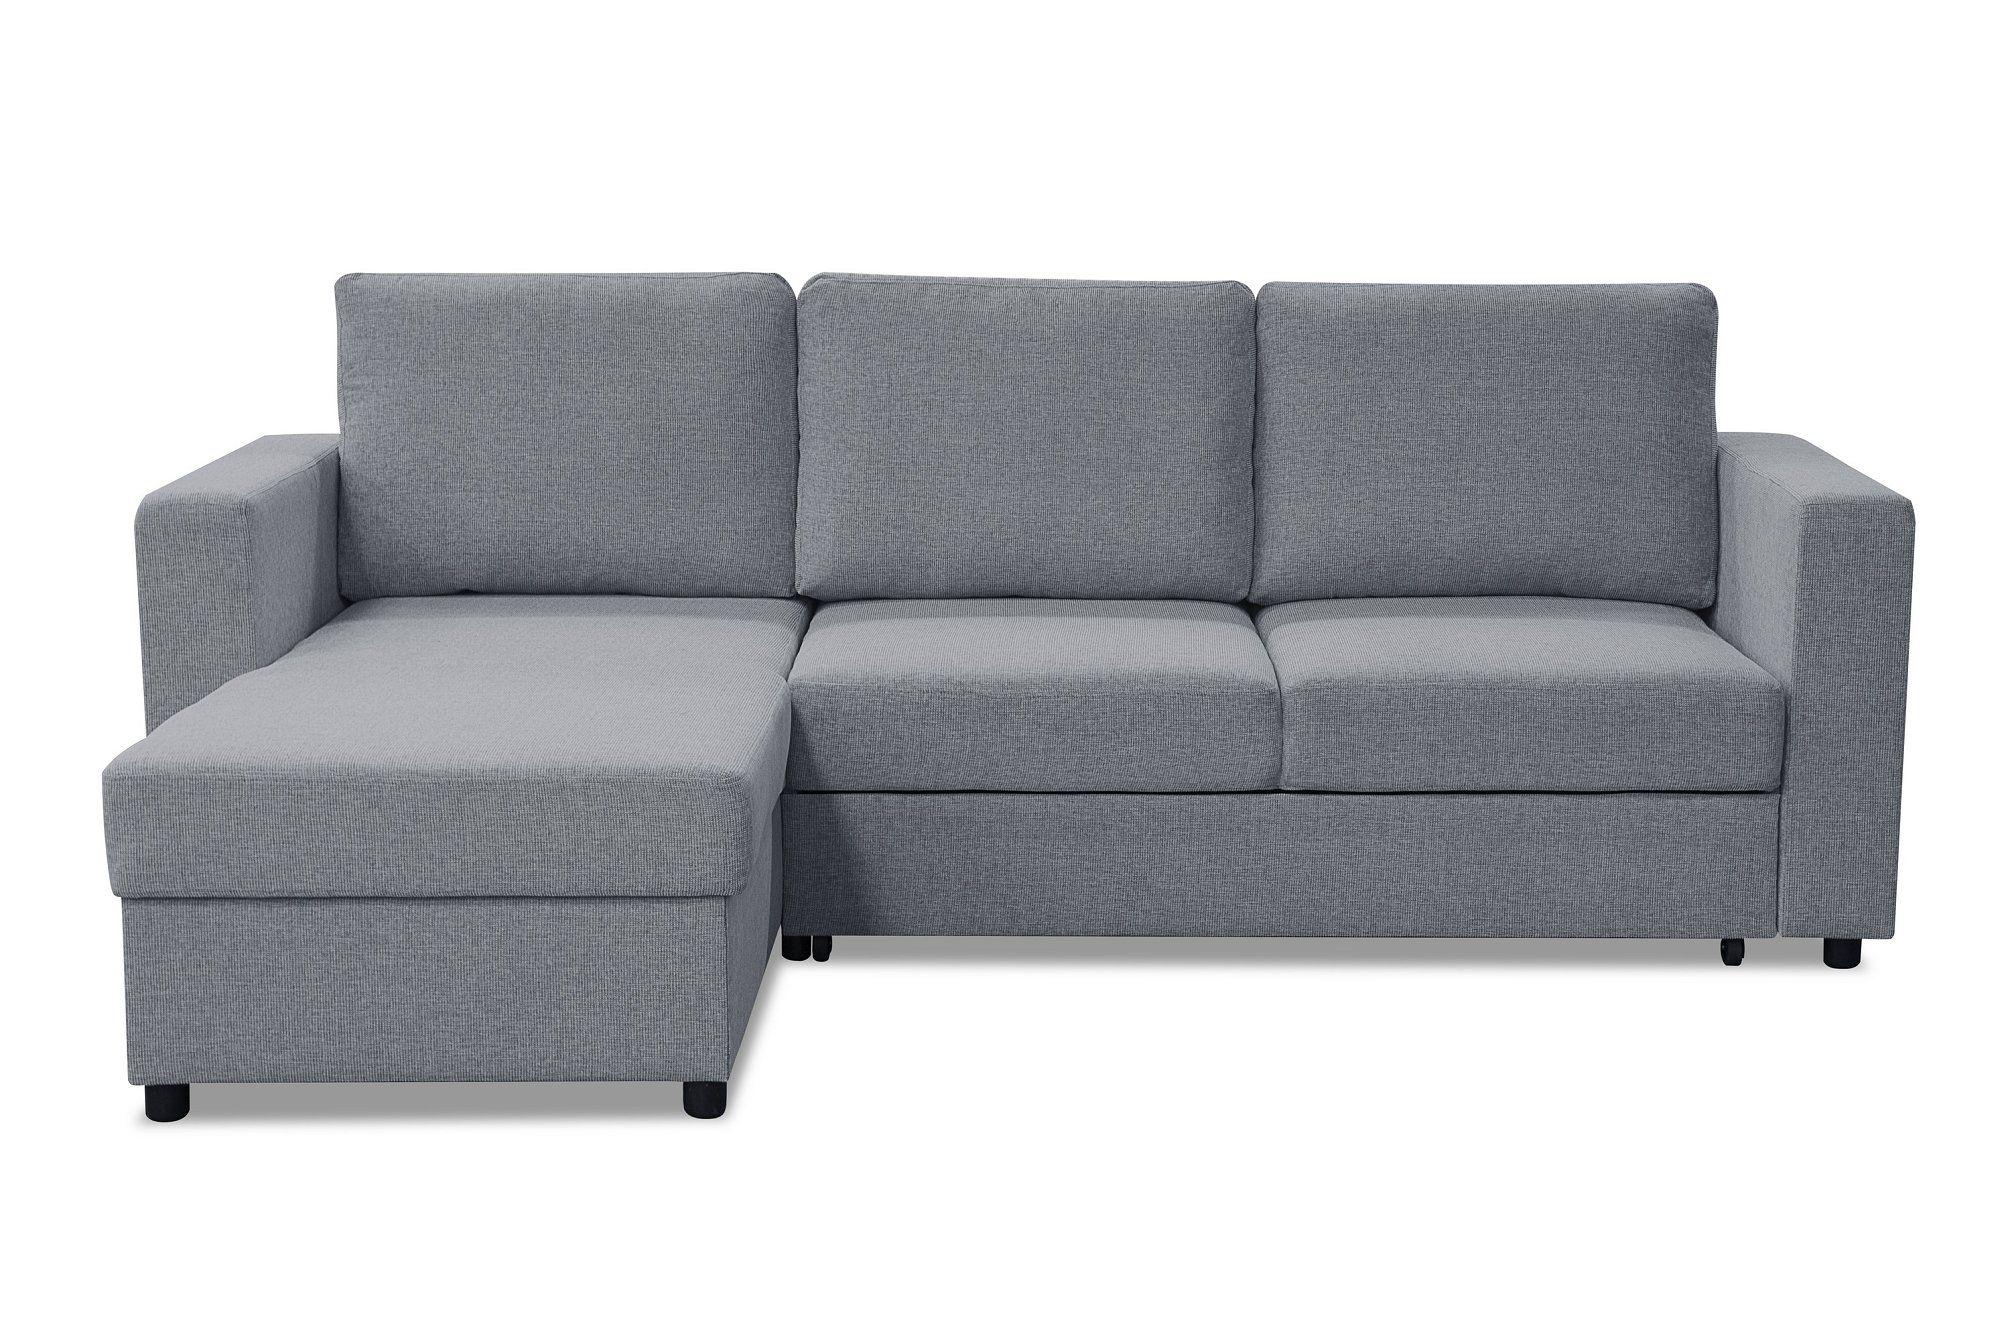 Ikea schlafcouch friheten  HARMONY Sovesofa | Ny leilighet | Pinterest